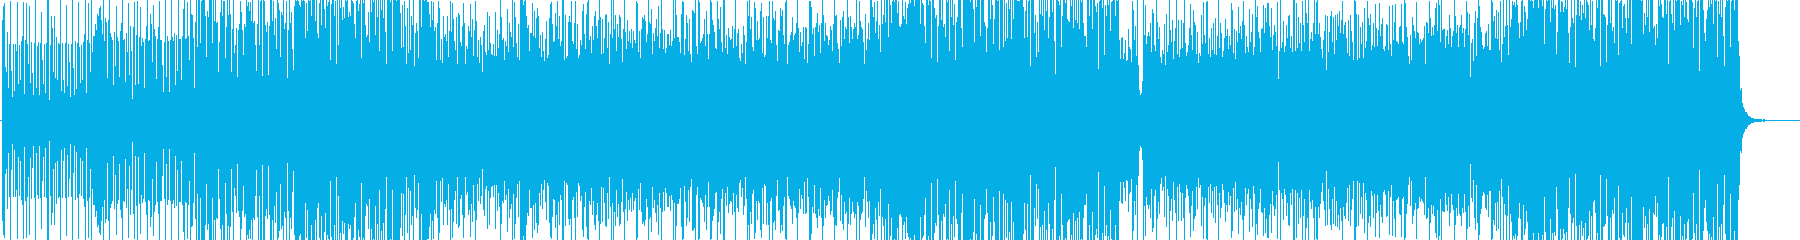 ピアノの旋律に哀愁漂うジャズサンバの再生済みの波形